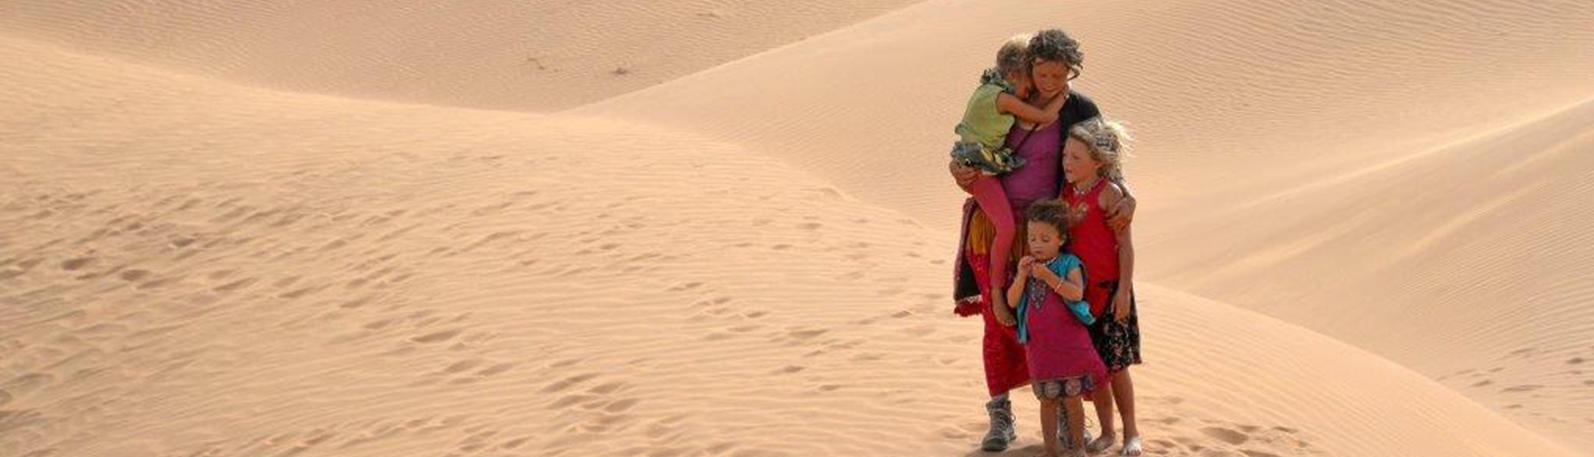 Maman, c'est encore loin le désert?